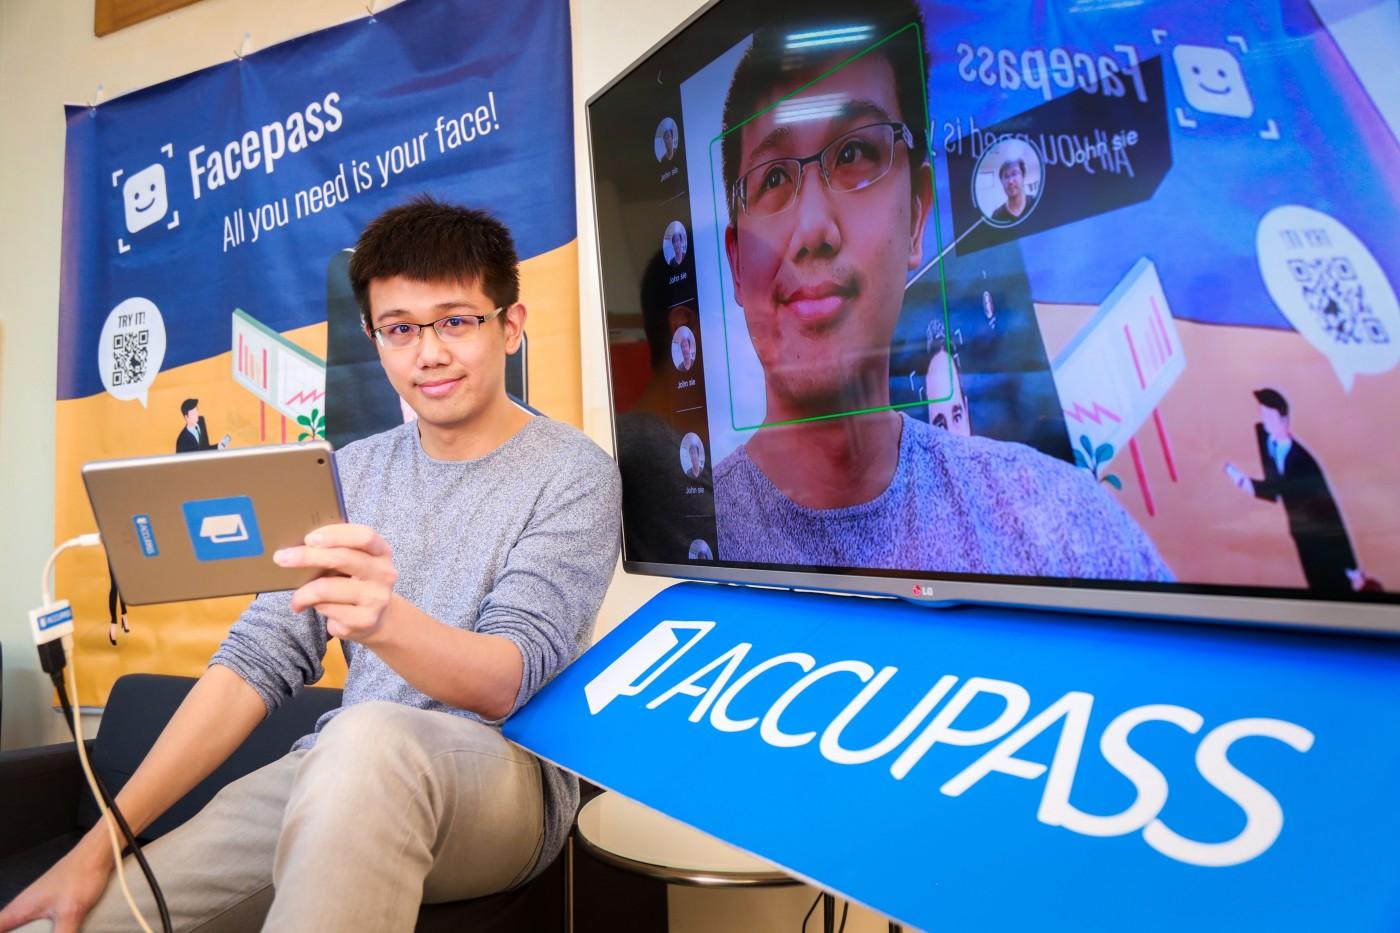 【新聞】台灣人打造兩岸最大活動平台,他在中國學到這兩件事